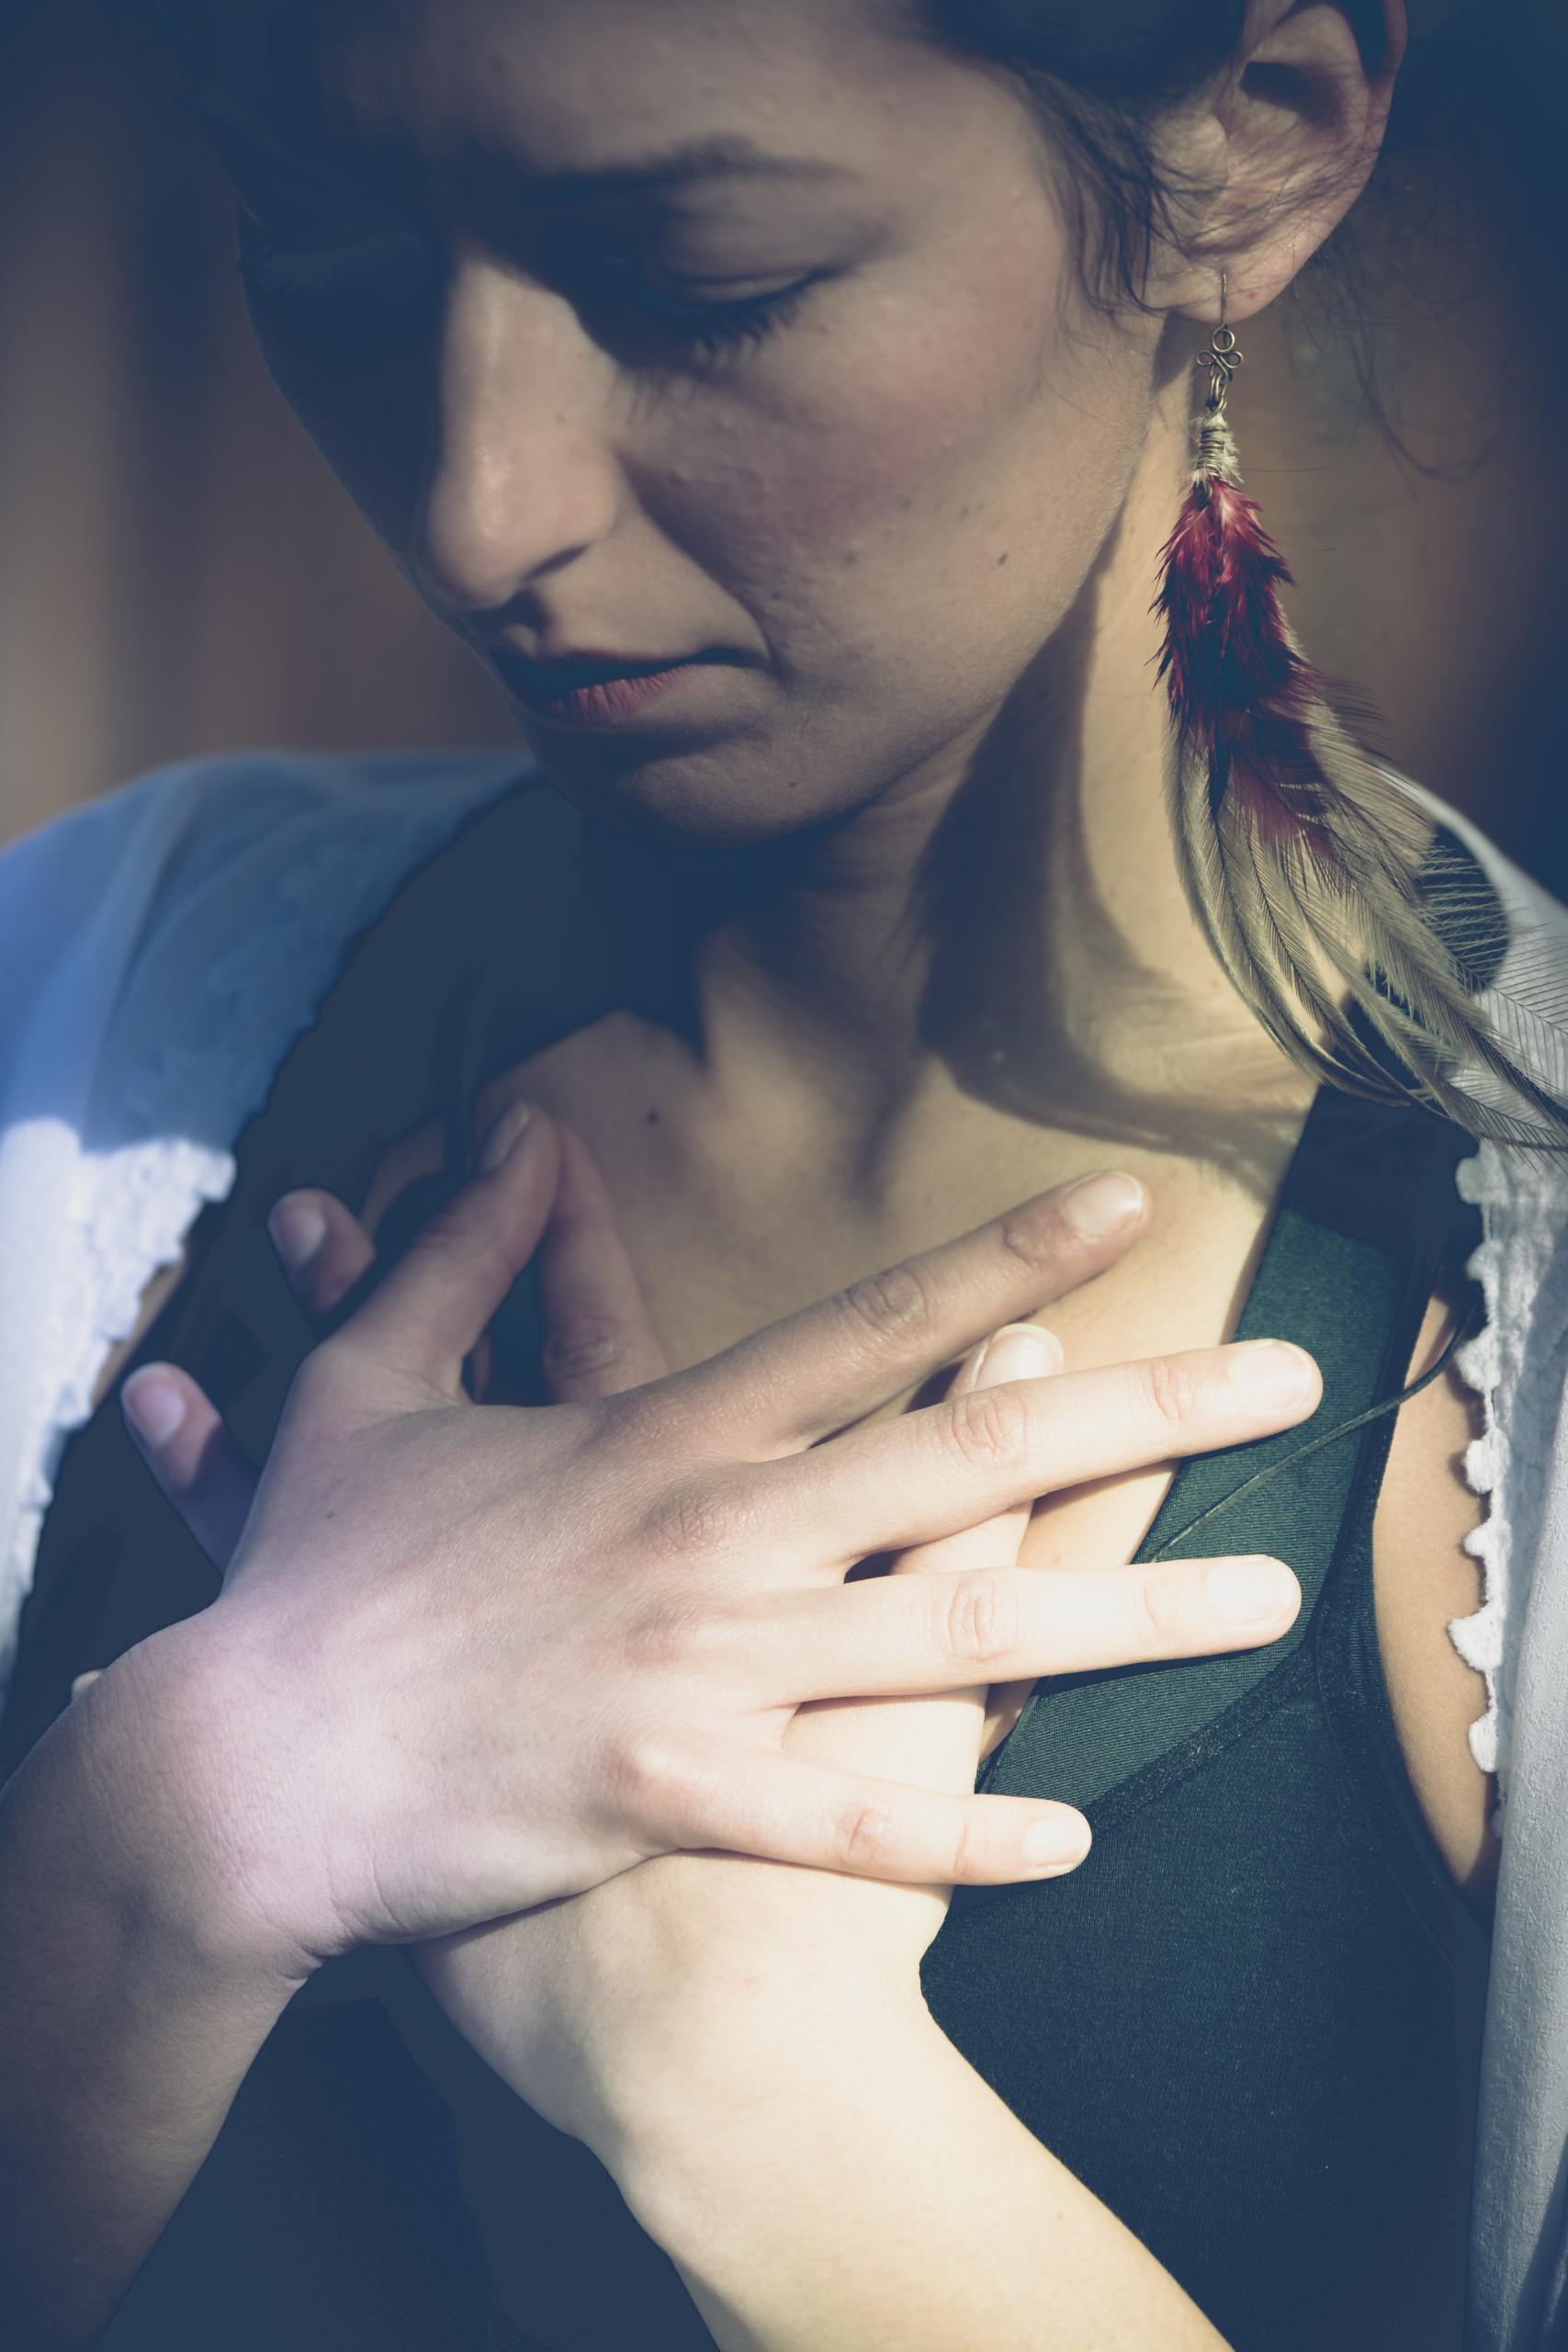 Jelena Drofenik-Premauer - #yogadoula - Portrait beide Händen auf dem Herzen - Einsicht